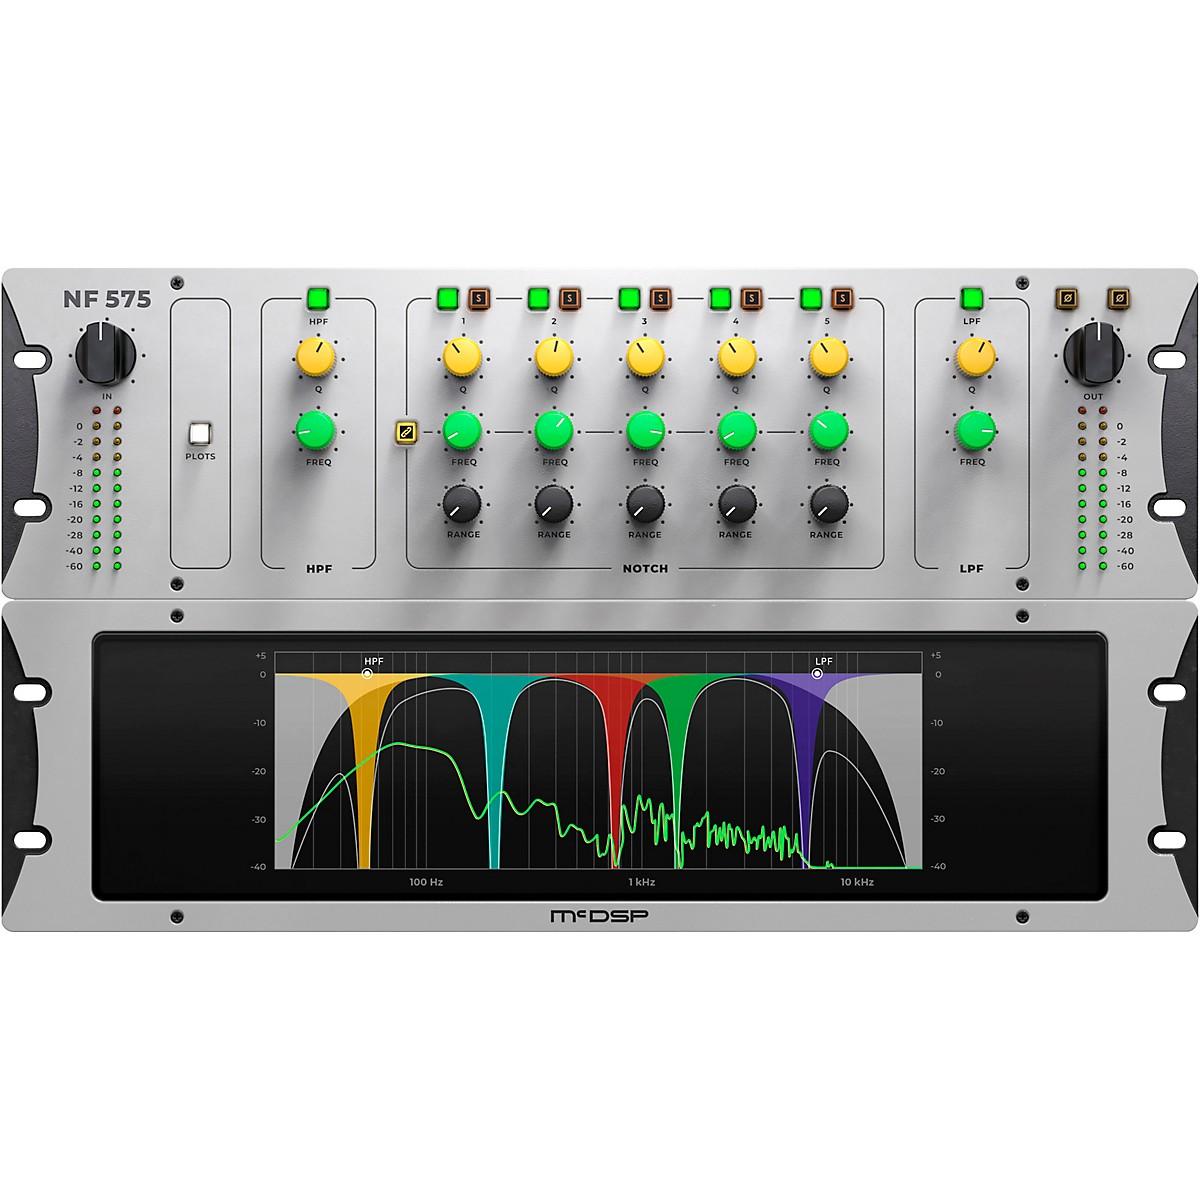 McDSP NF575 Noise Filter HD v6 Software Download